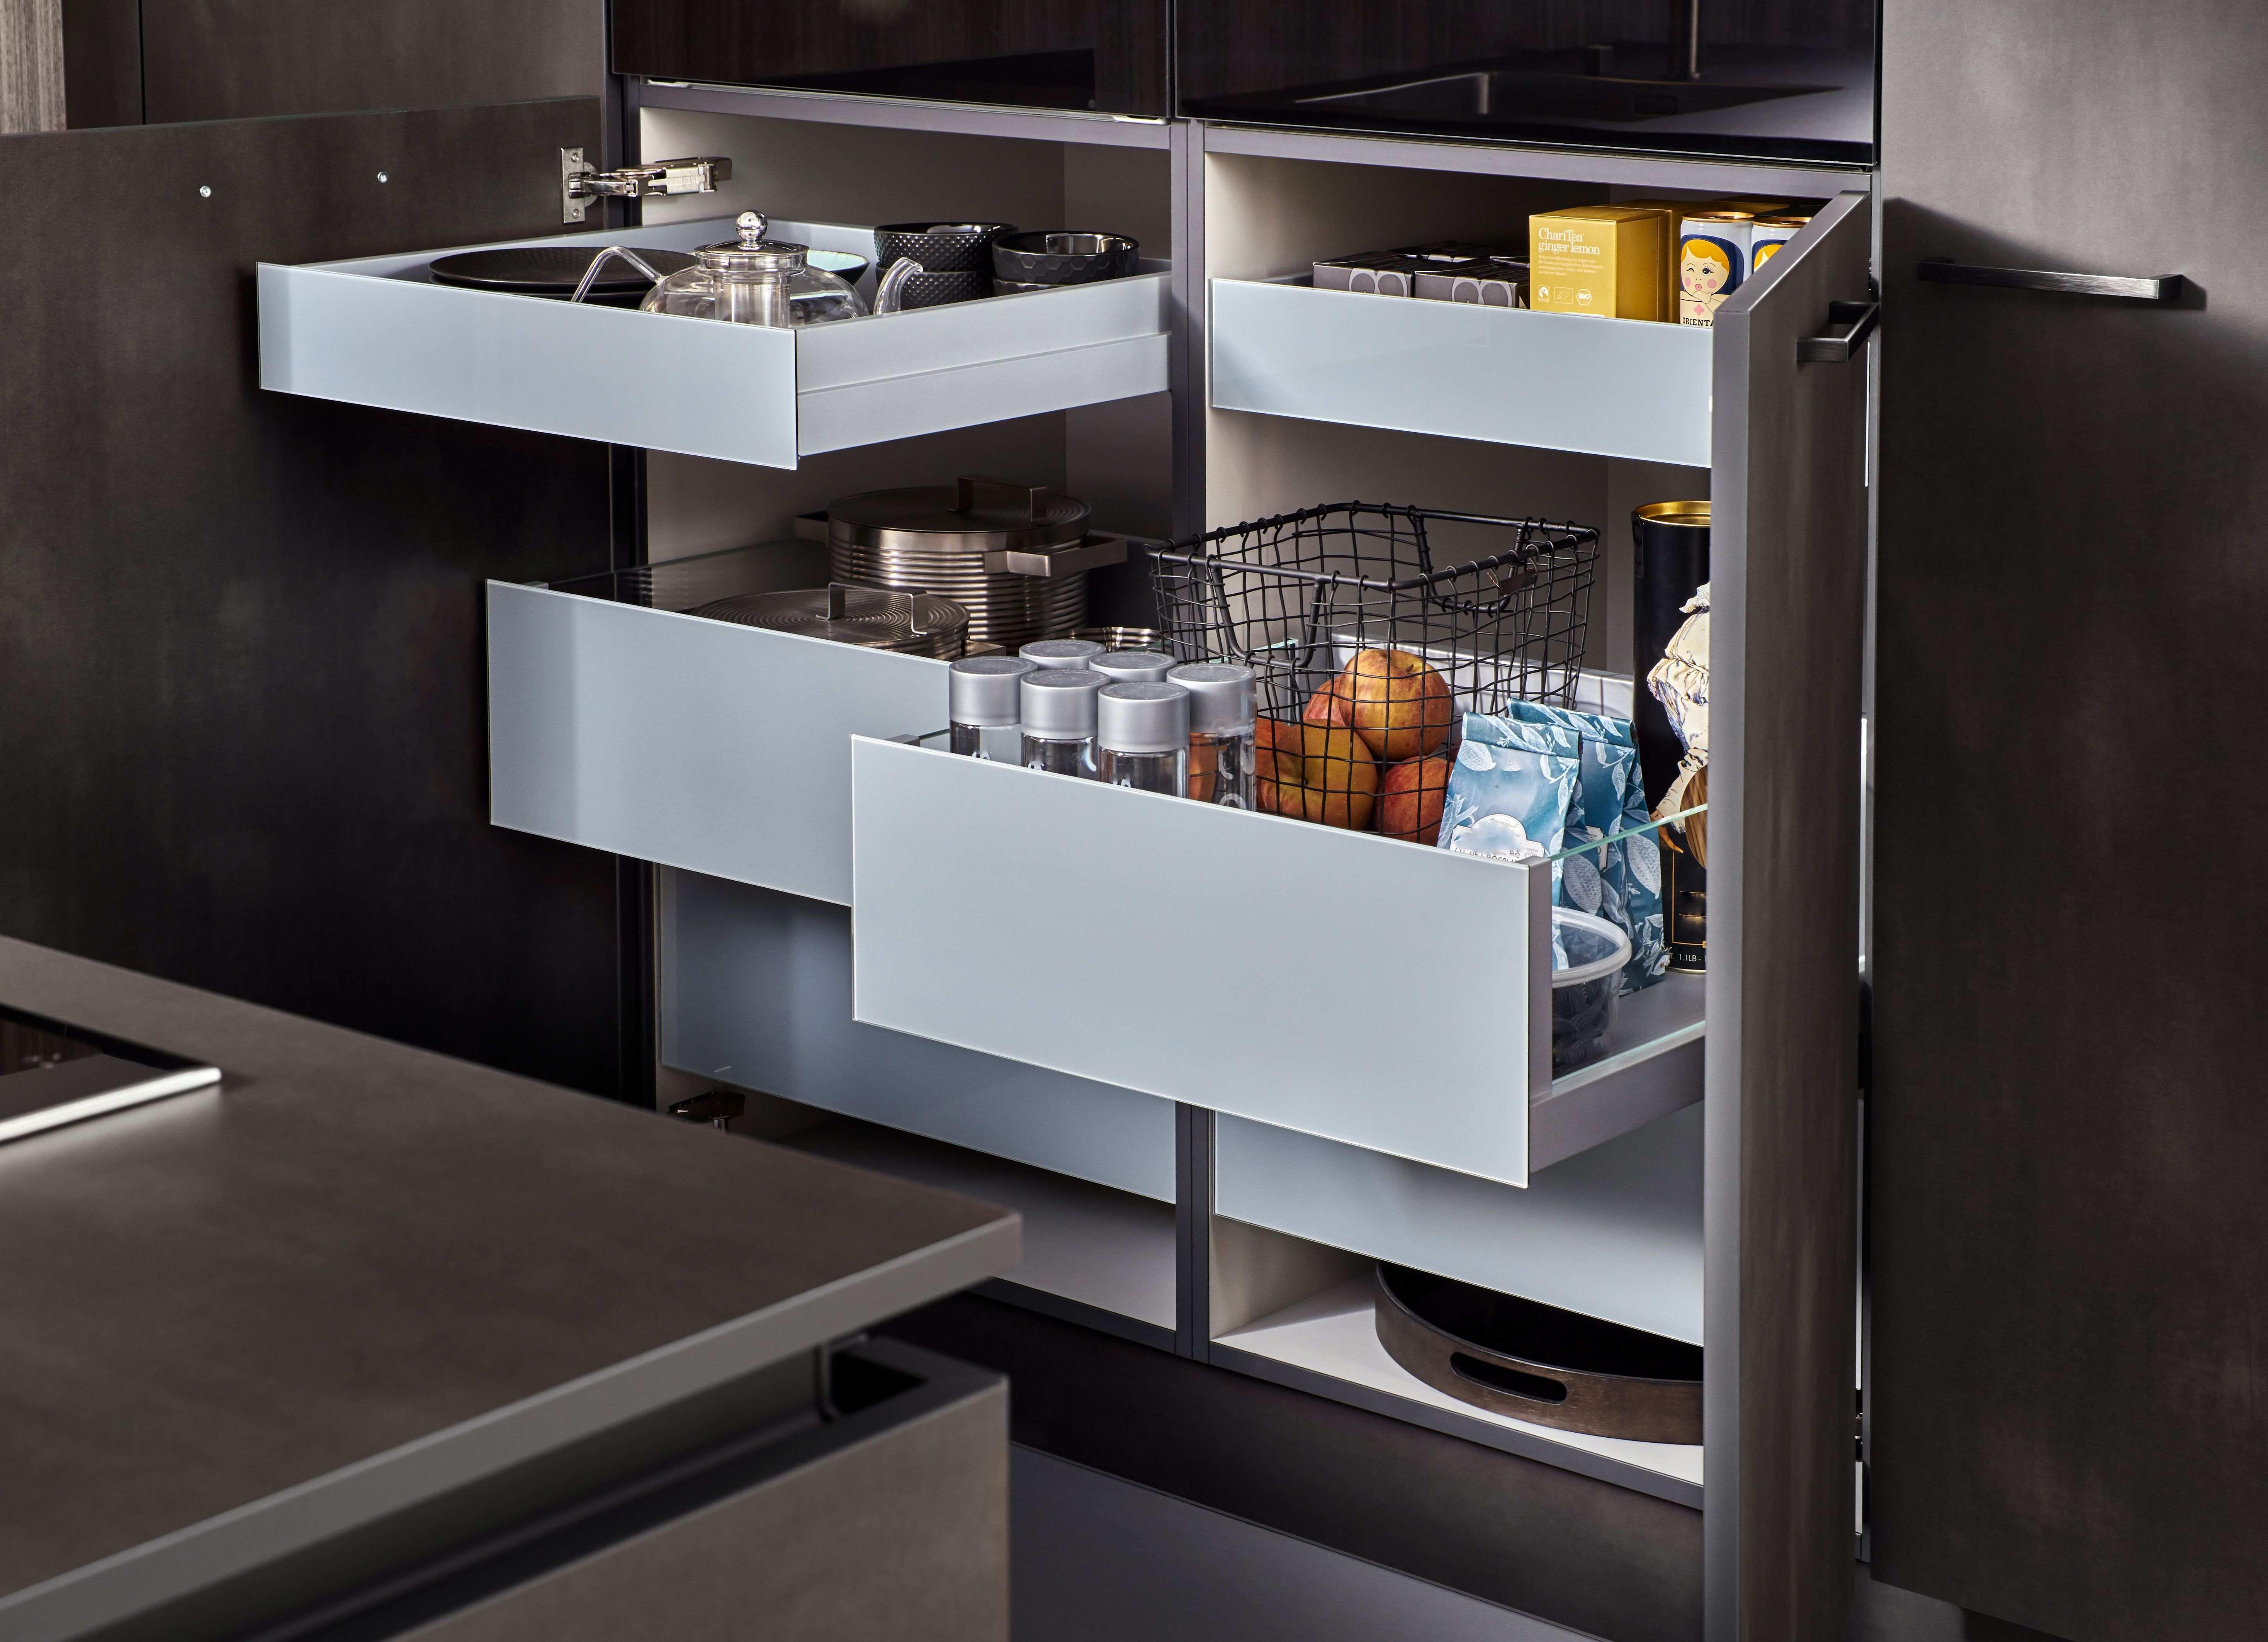 Cómo distribuir  el interior de los muebles de cocina